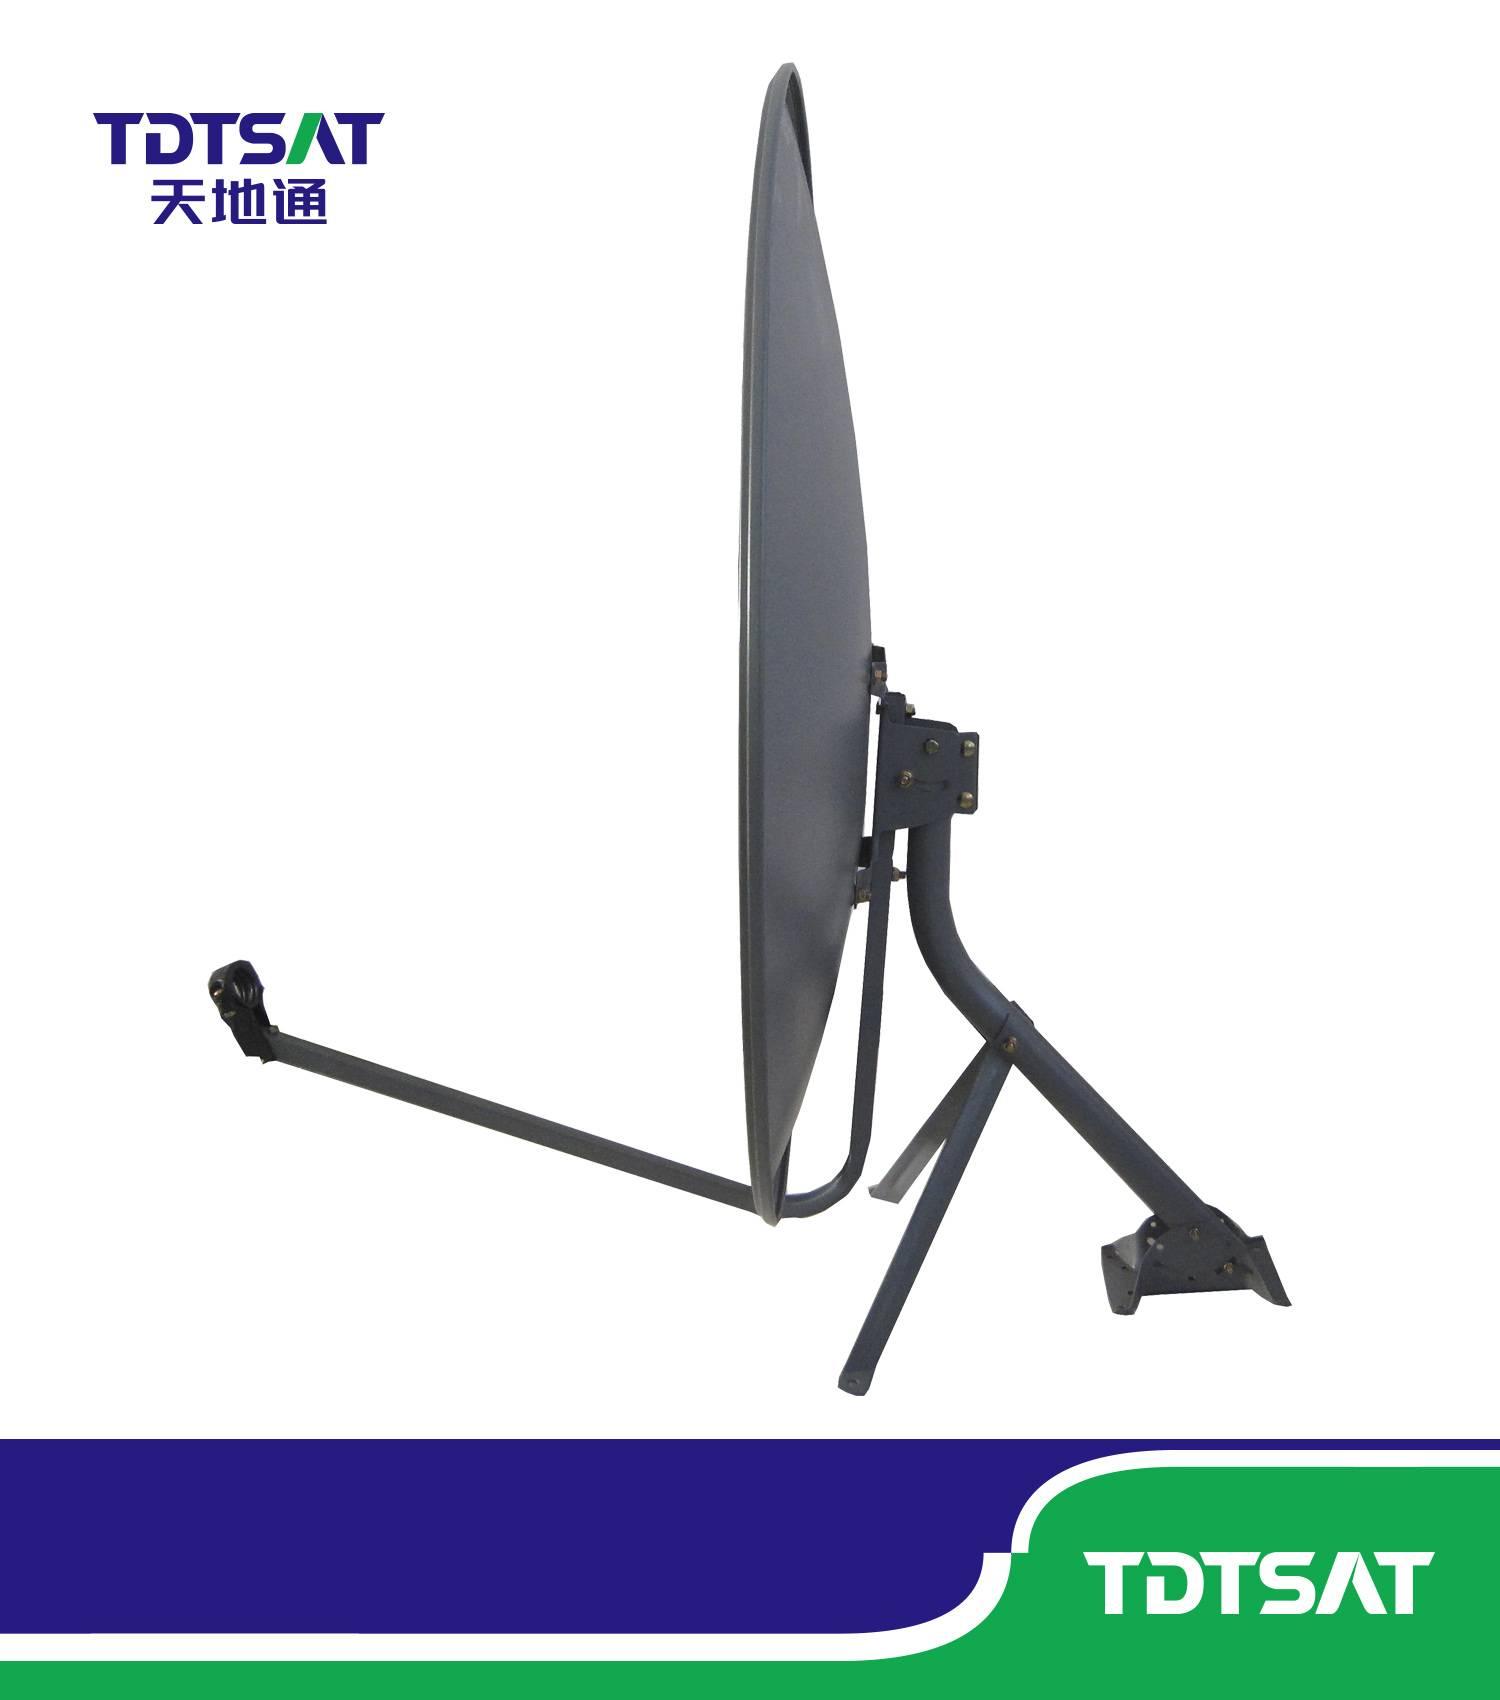 TDT KU-band 80cm satellite dish antenna